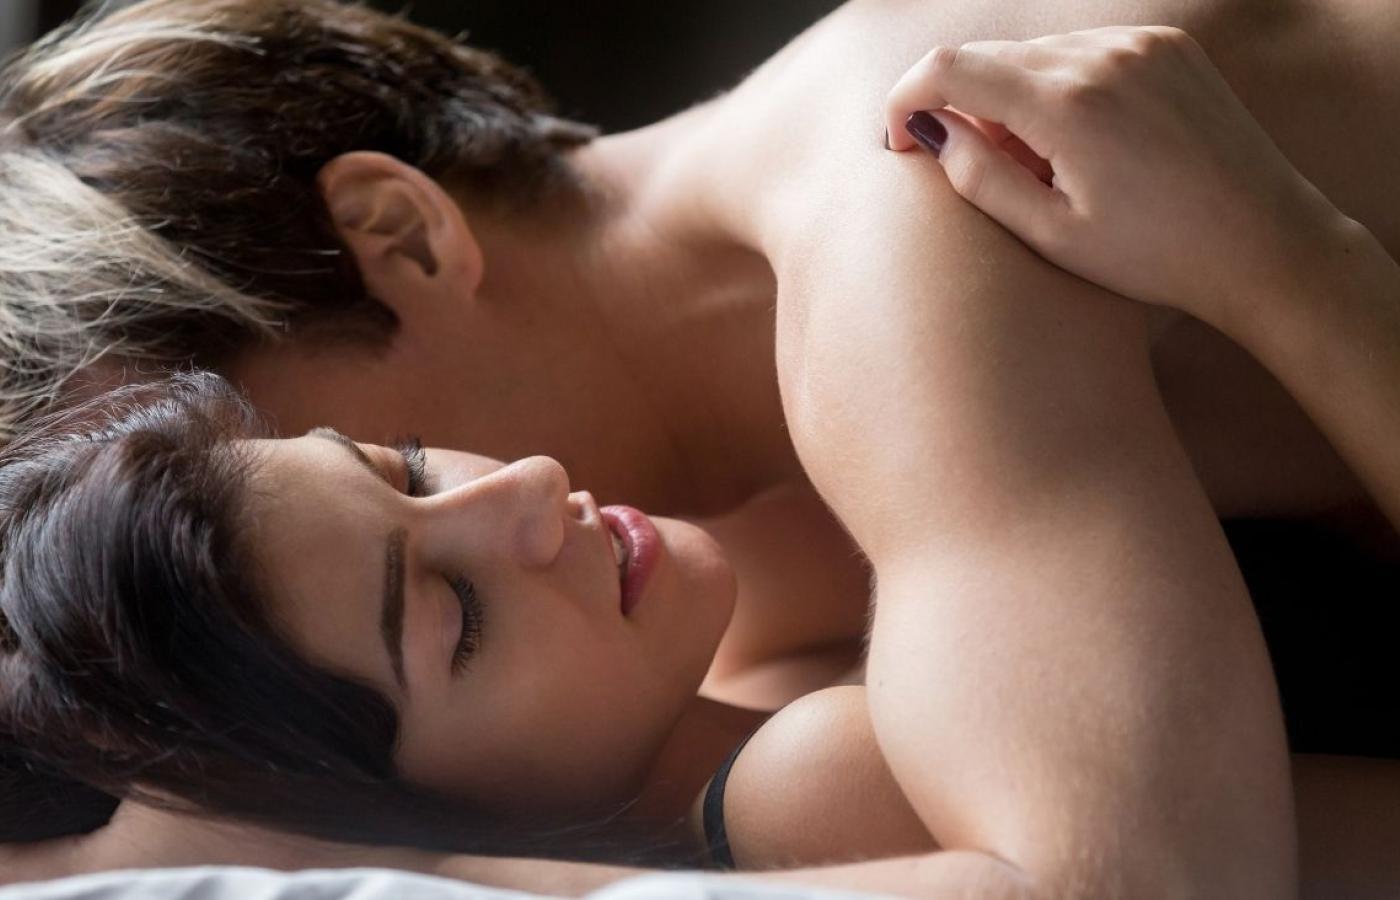 Erotyczne zdjęcia linksoflondongift.com